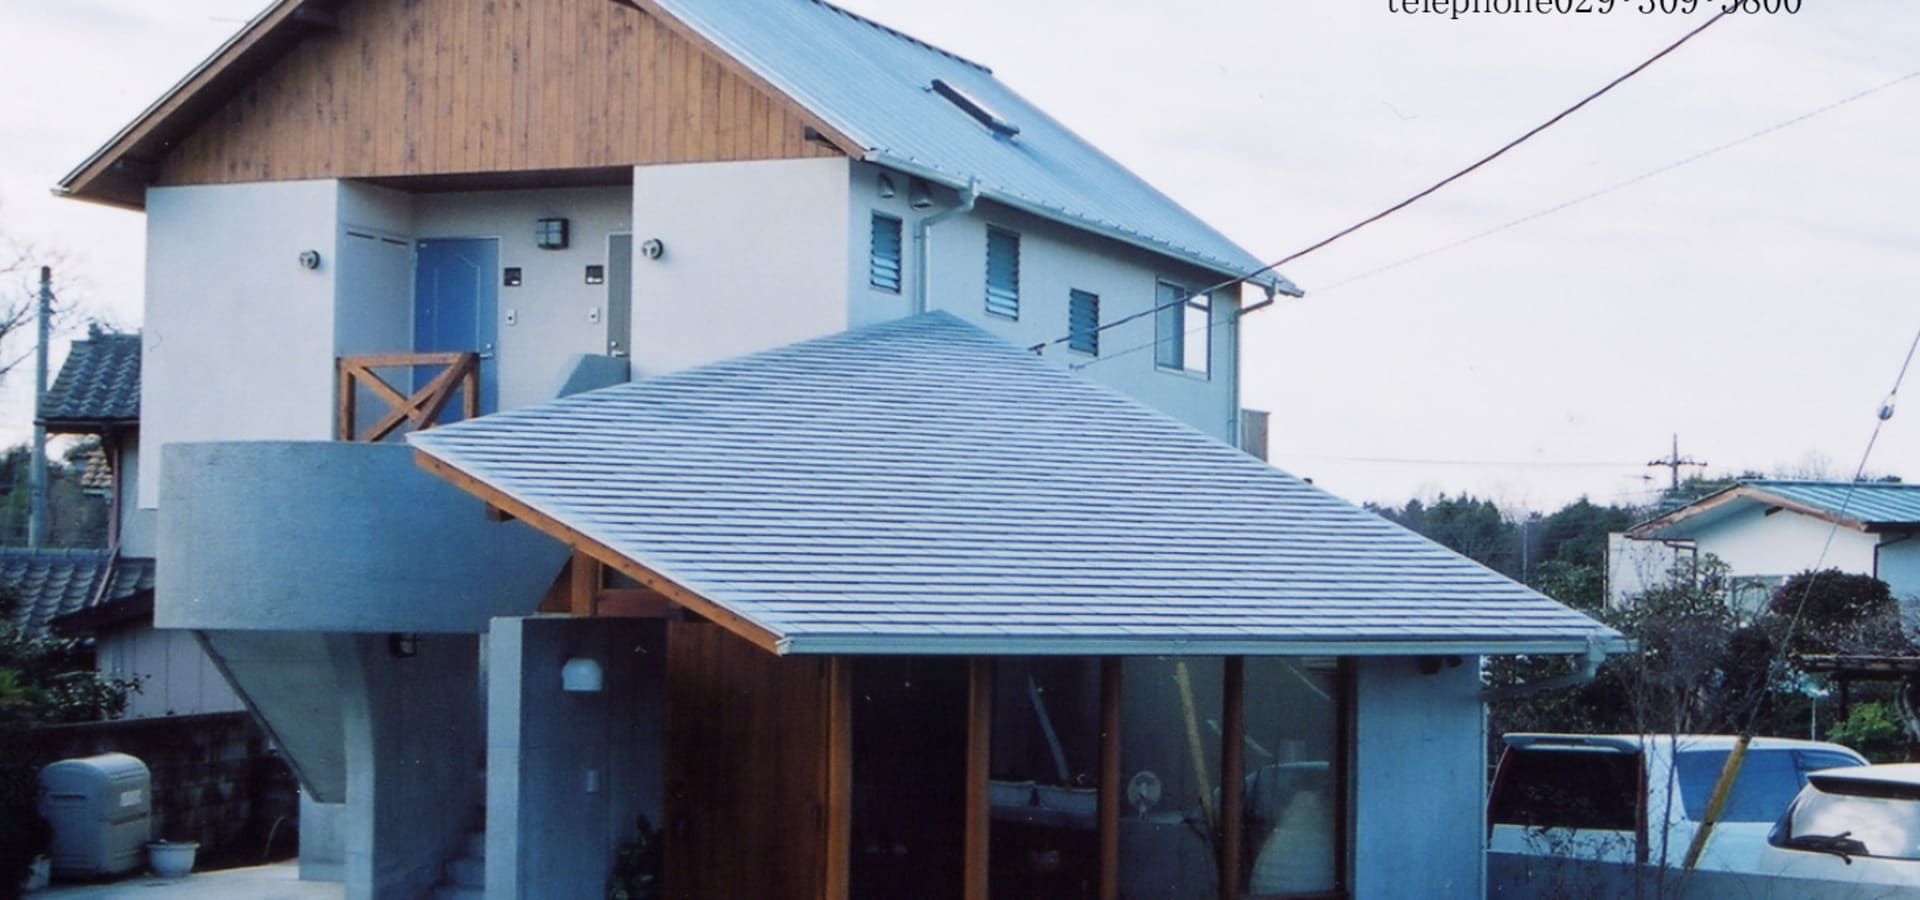 大出設計工房 OHDE ARCHITECT STUDIO